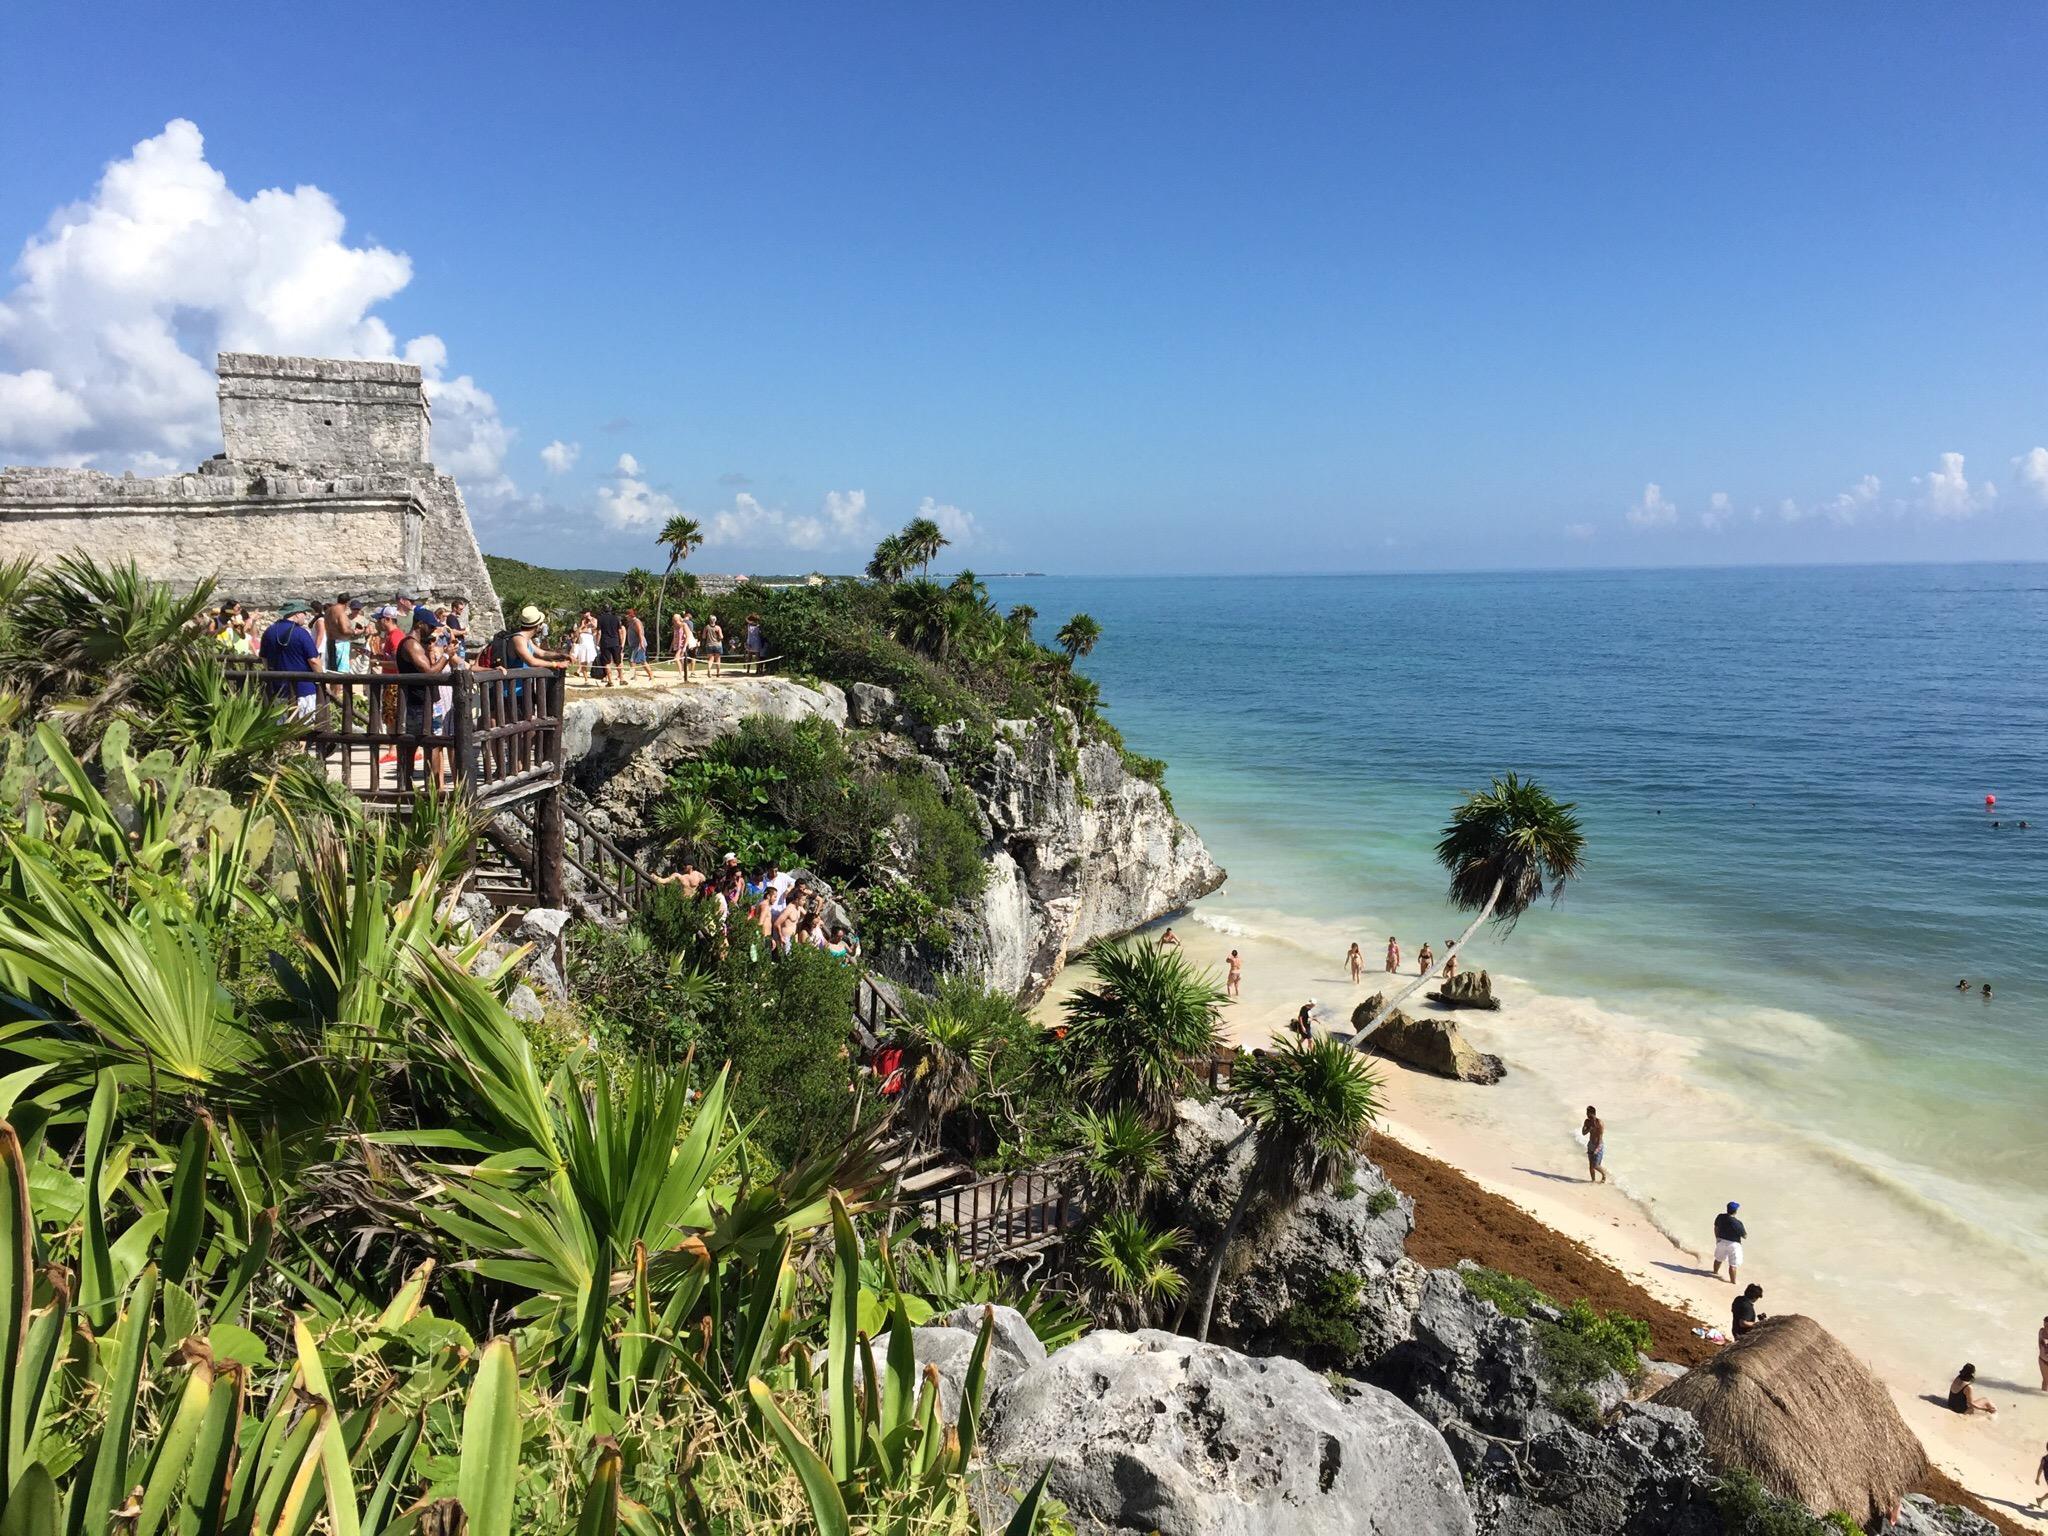 世界の観光都市ランキング2015、人気上昇1位はメキシコ・トゥルム -トリップアドバイザー